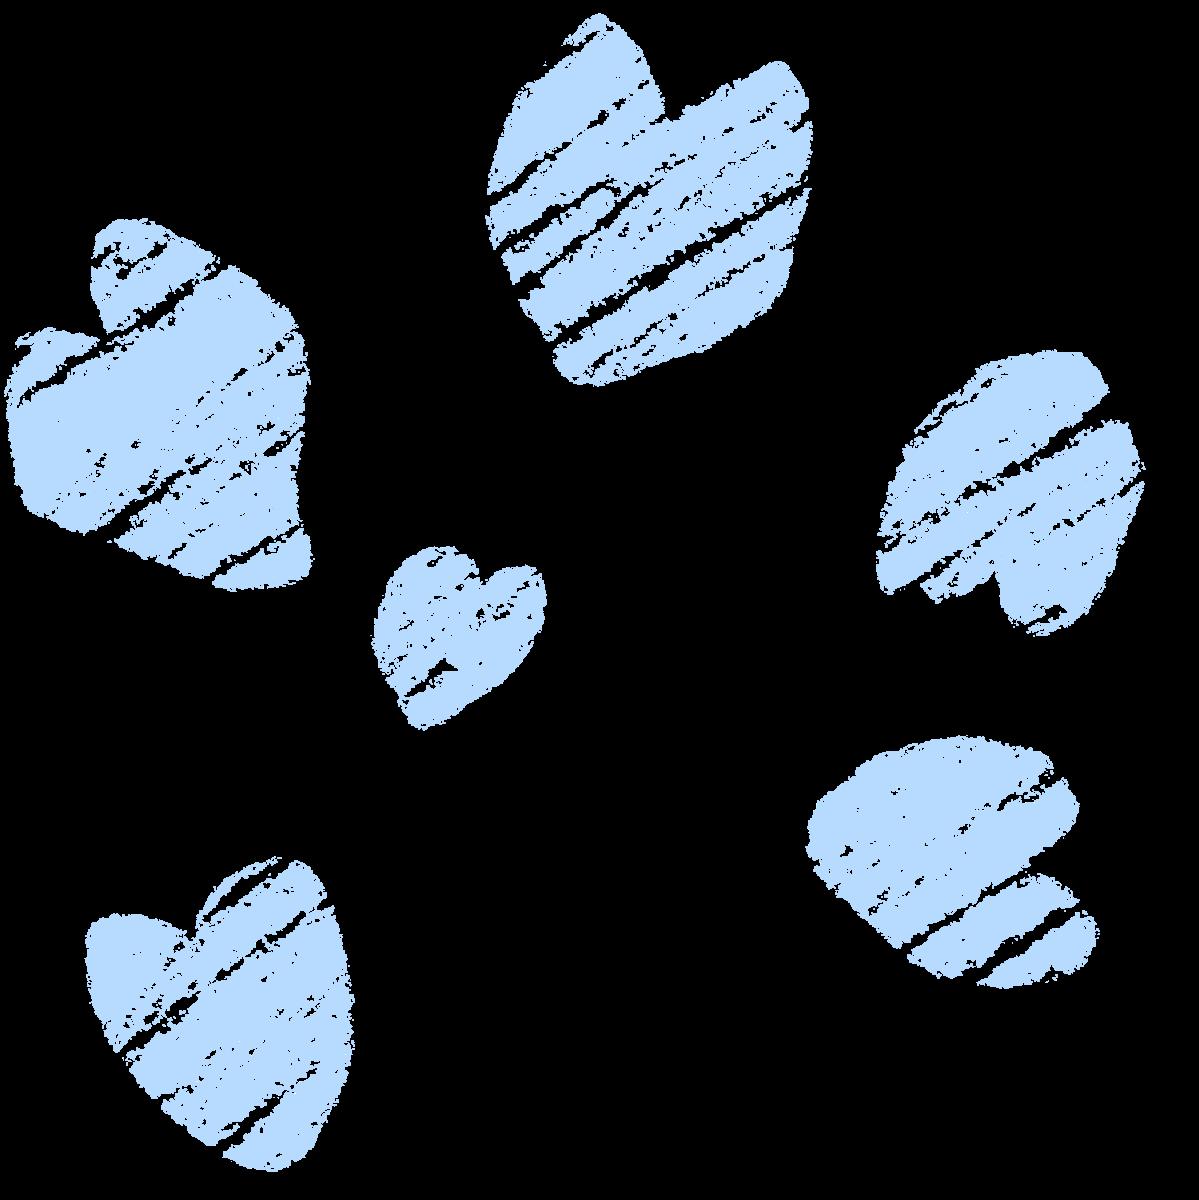 クレヨン塗り【桜の花びら】パステル 冷色セットのイラスト / Crayon Coloring [Cherry Blossom Petals] Pastel, Cold Color Set Illustration